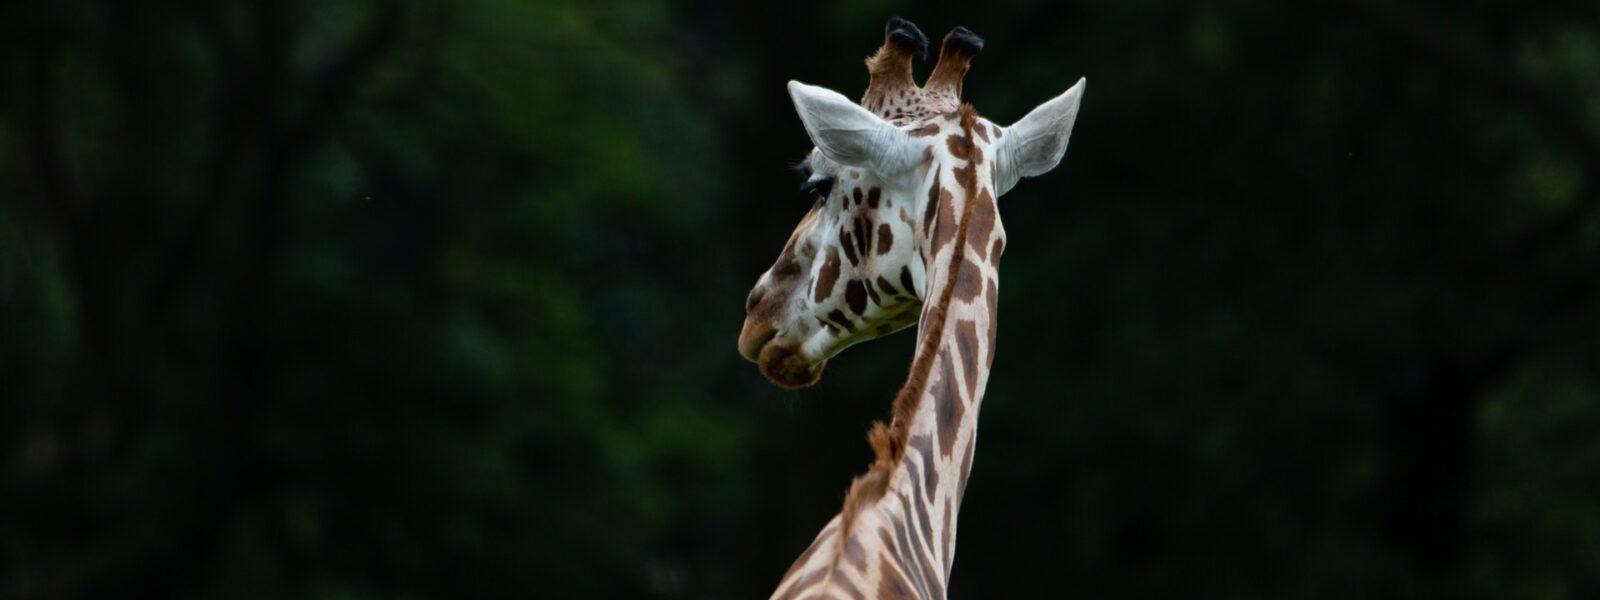 18 Days Uganda Primates & Wildlife Adventure